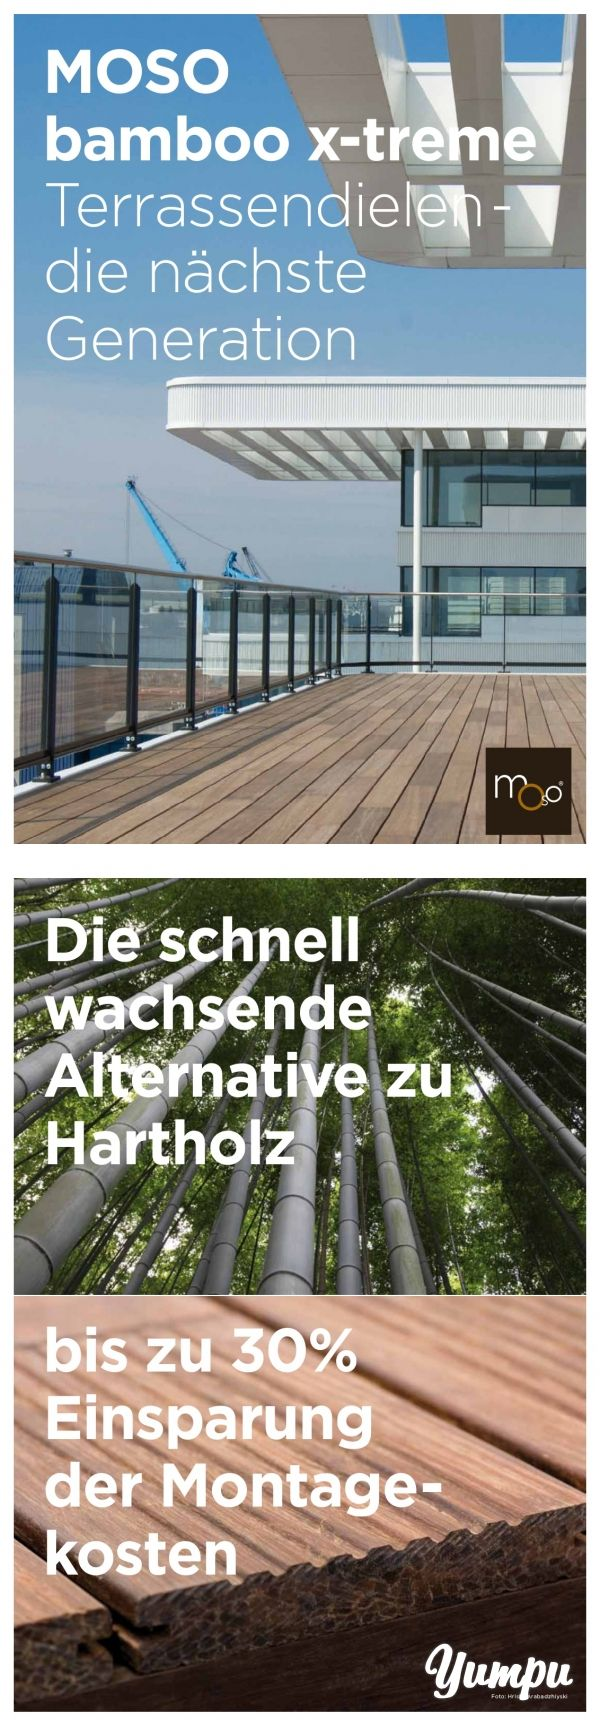 MOSO bamboo x-treme Terrassendielen - die nächste Generation - In diesem e-paper erfahren Sie alle Vorteile und ökologischen Aspekte zu Bambus Terrassendielen.